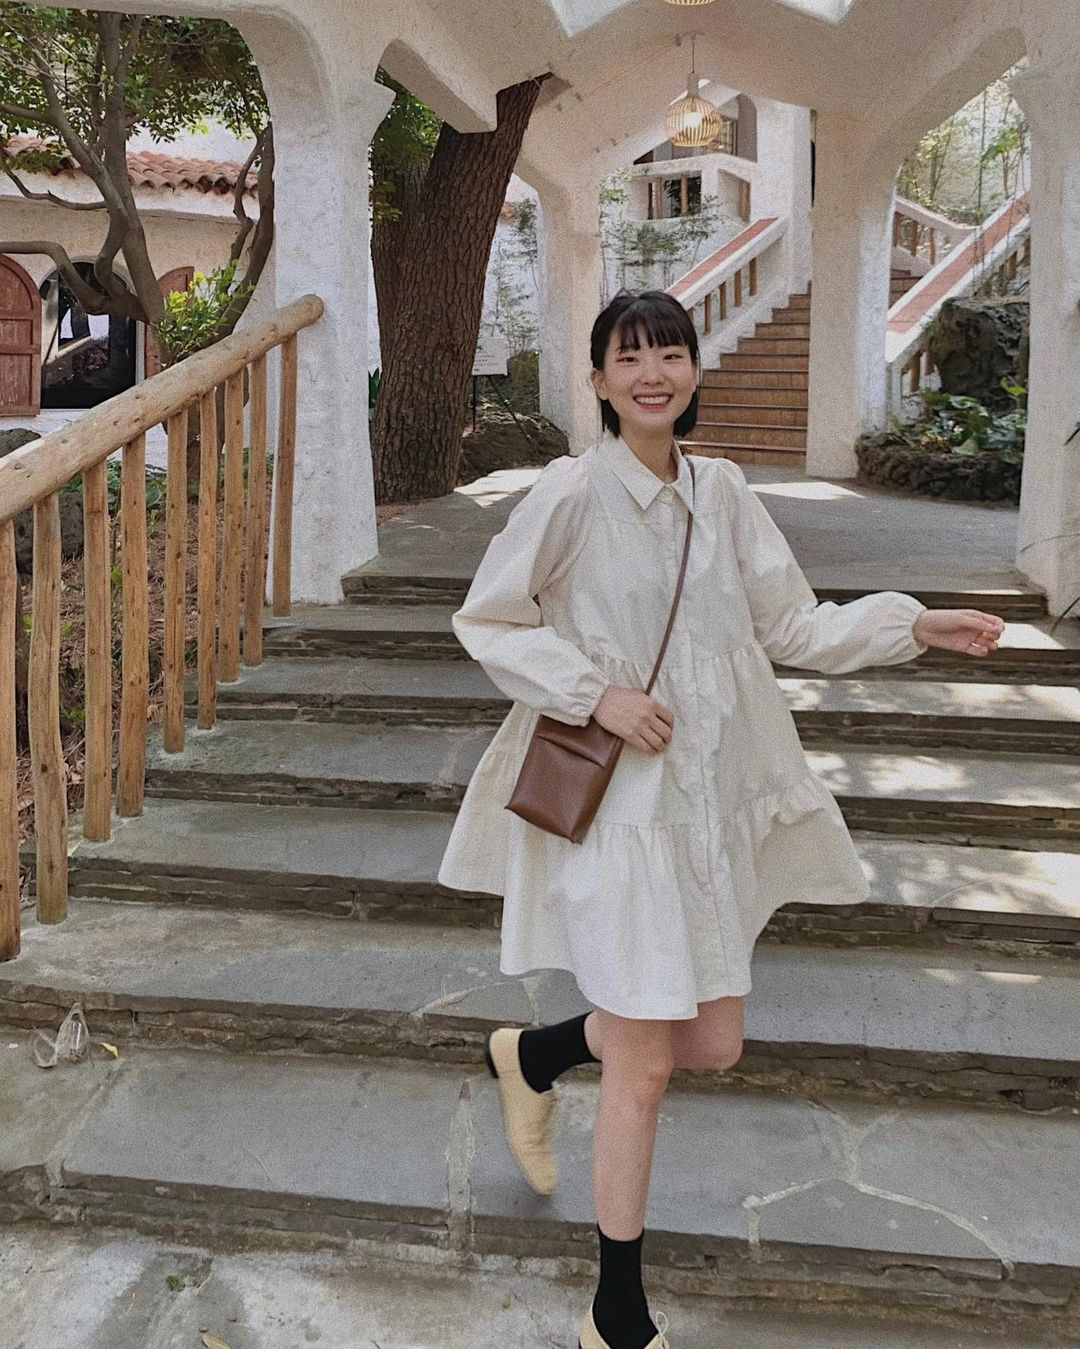 Hè đến là gái Hàn lại diện đủ kiểu váy trắng siêu trẻ xinh và tinh tế, xem mà muốn sắm cả 'lố' về nhà - Ảnh 18